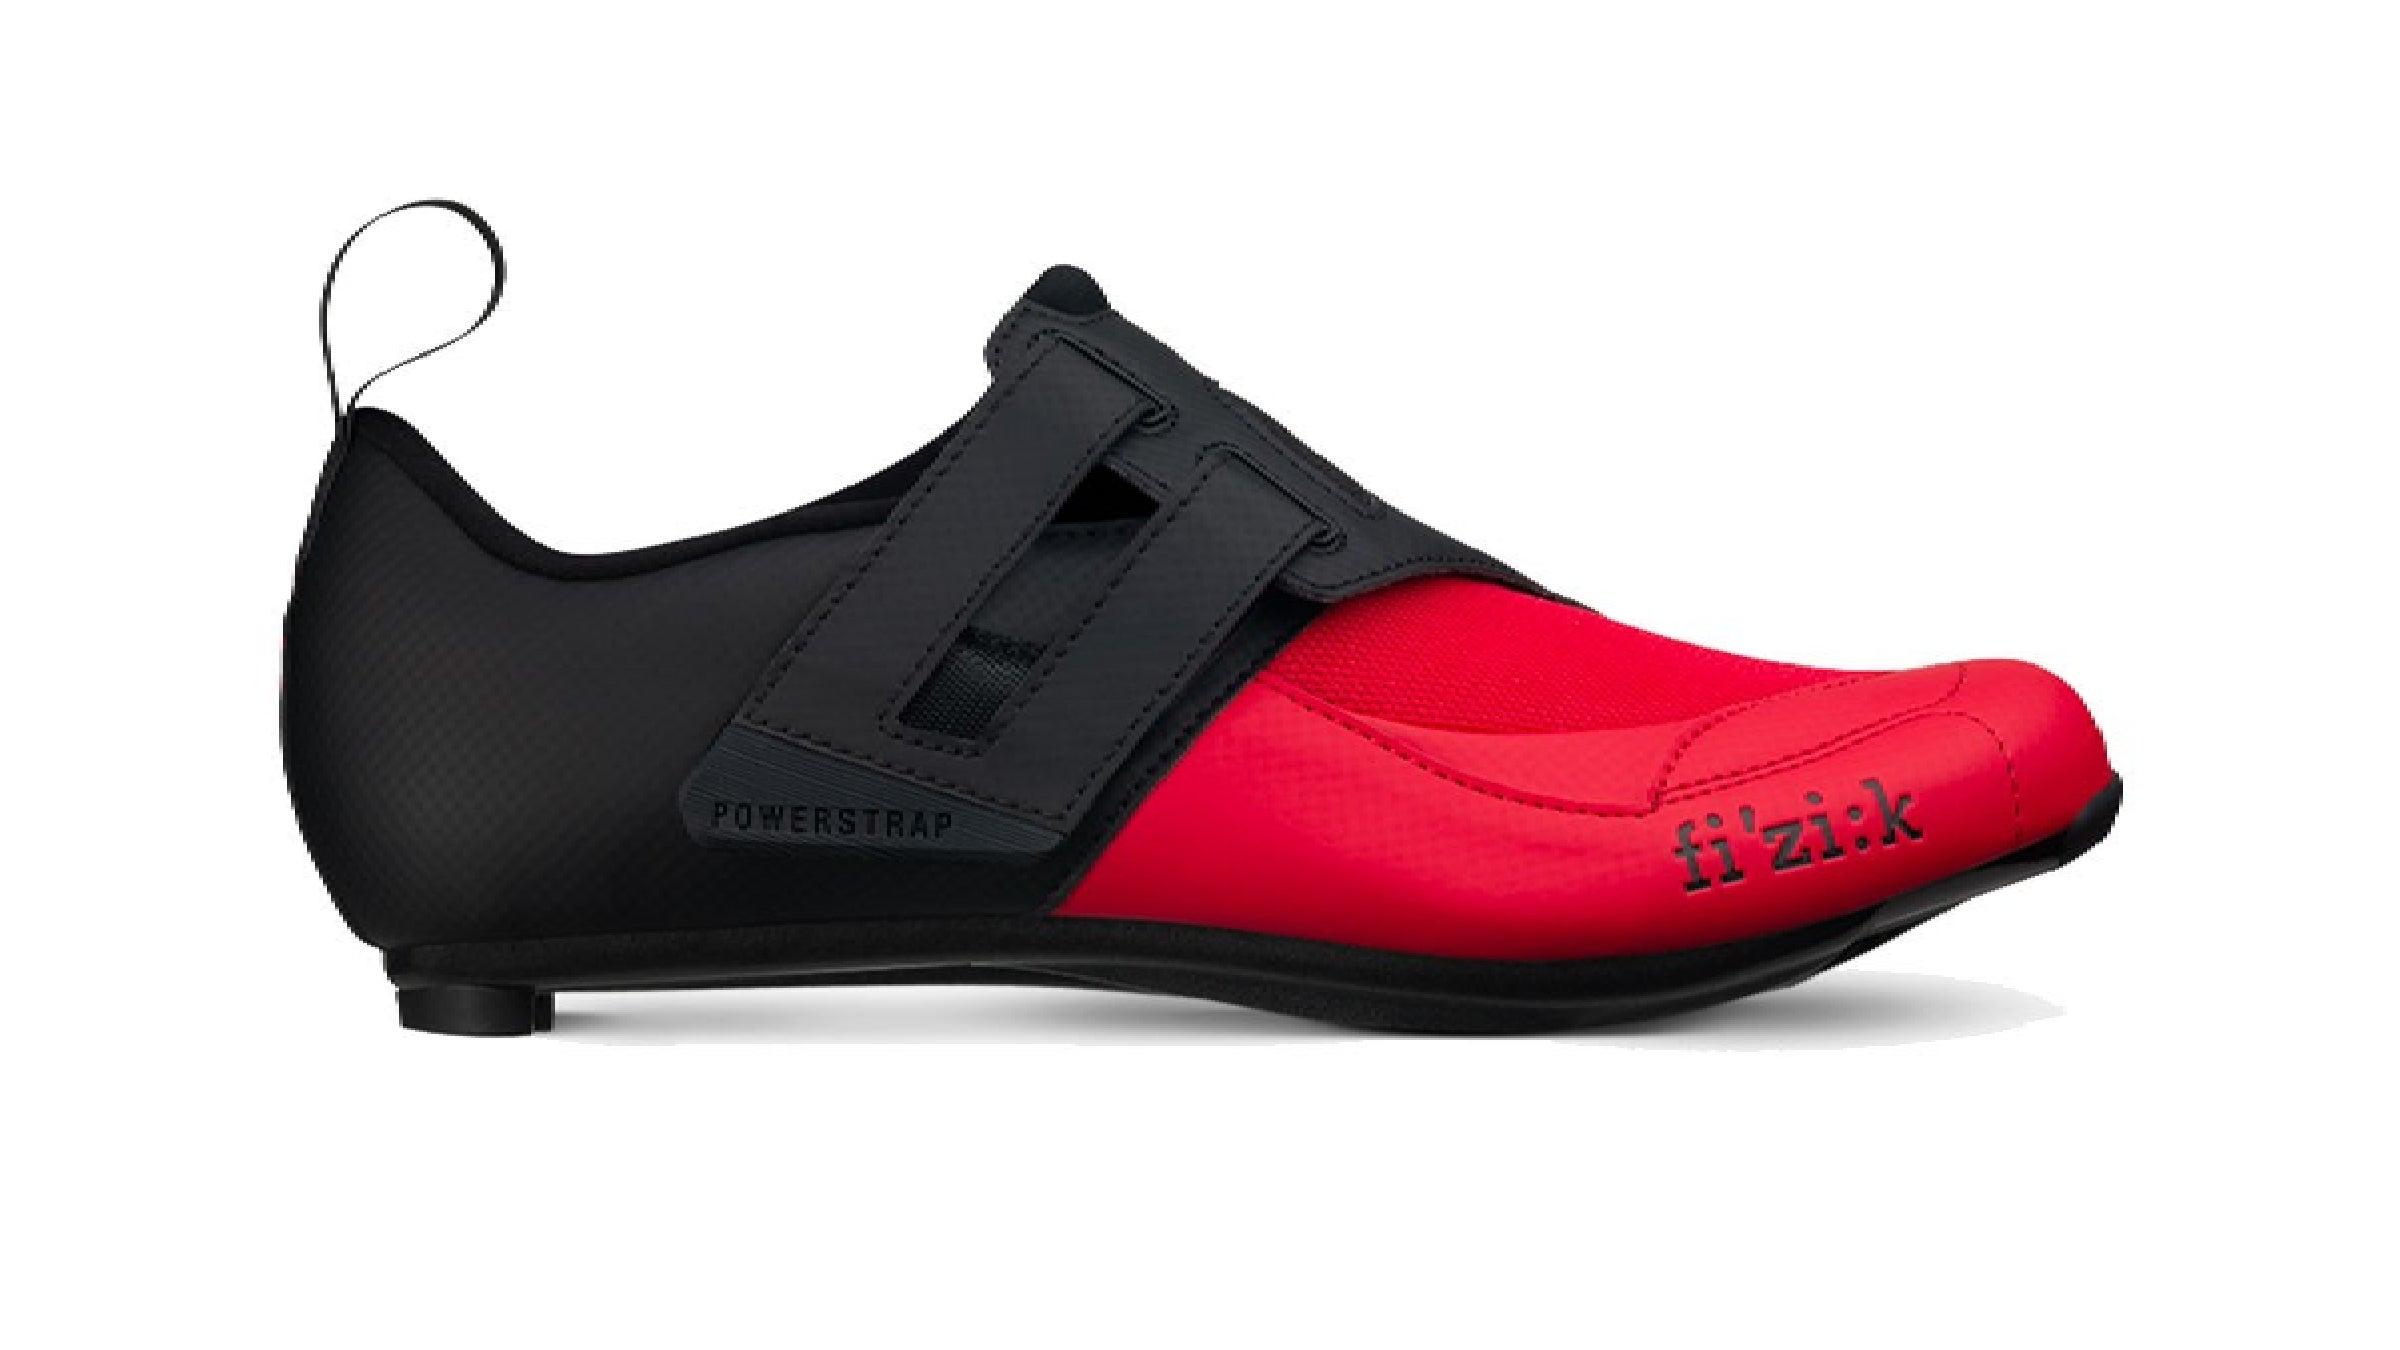 Fizik Transiro Powerstrap R4 cycling shoe